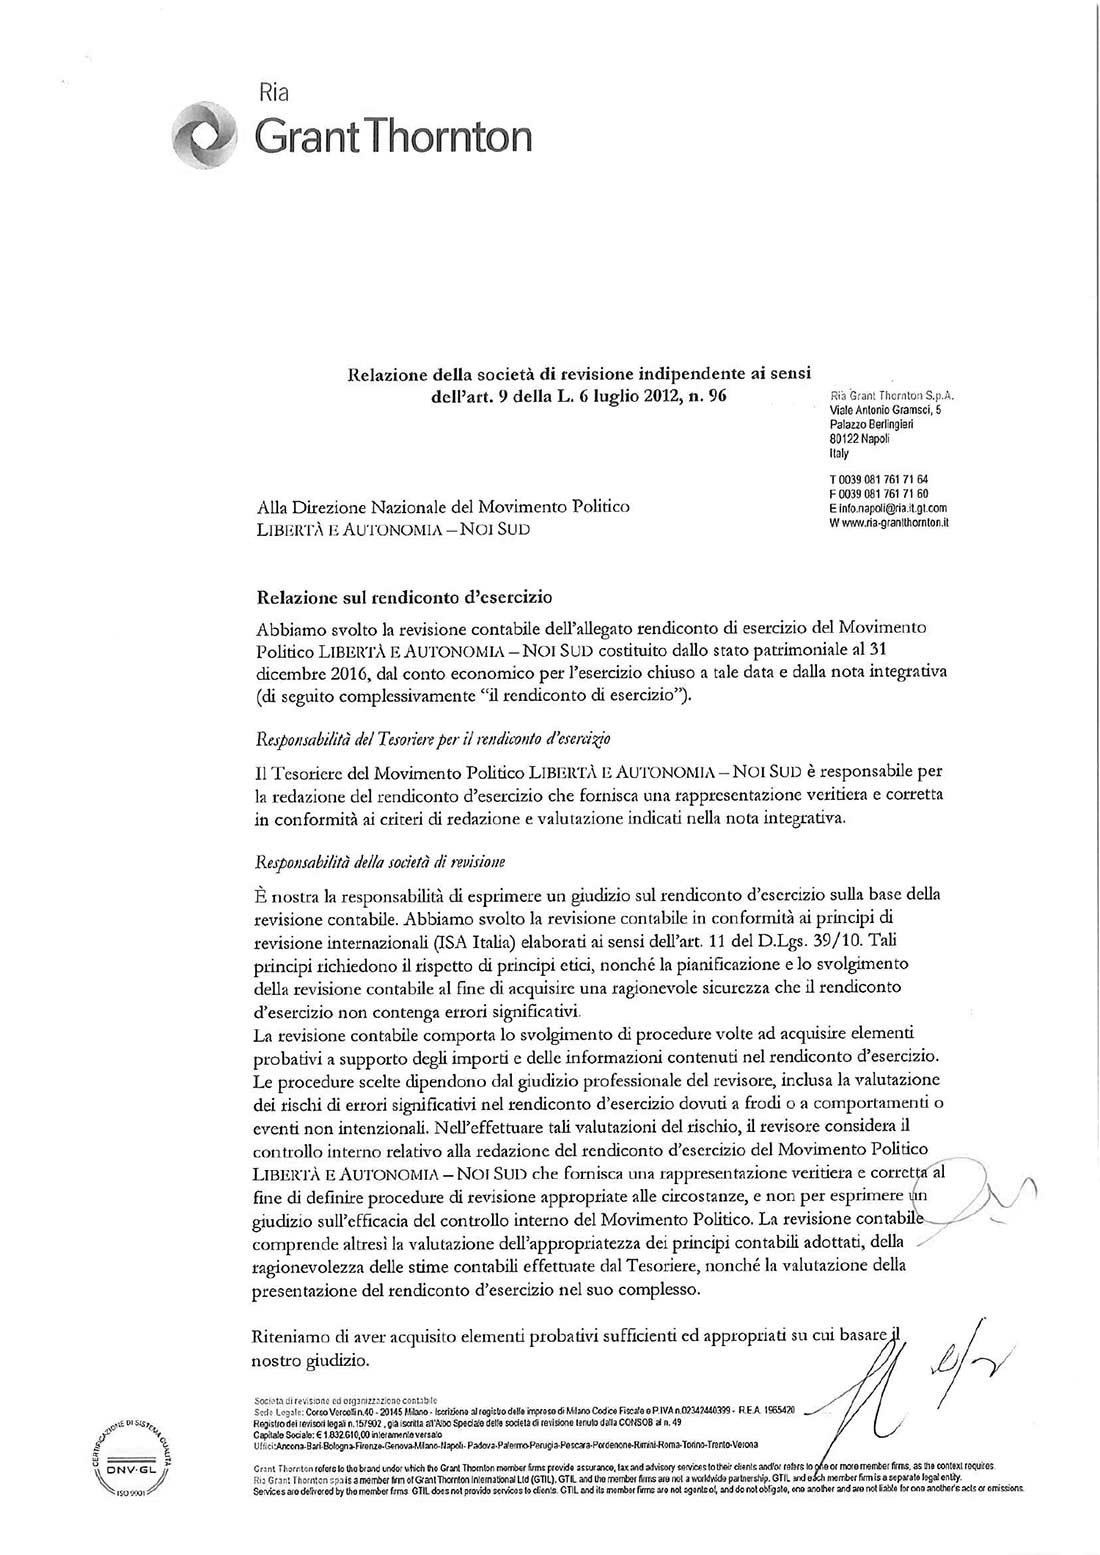 Relazione-della-società-di-revisione-1